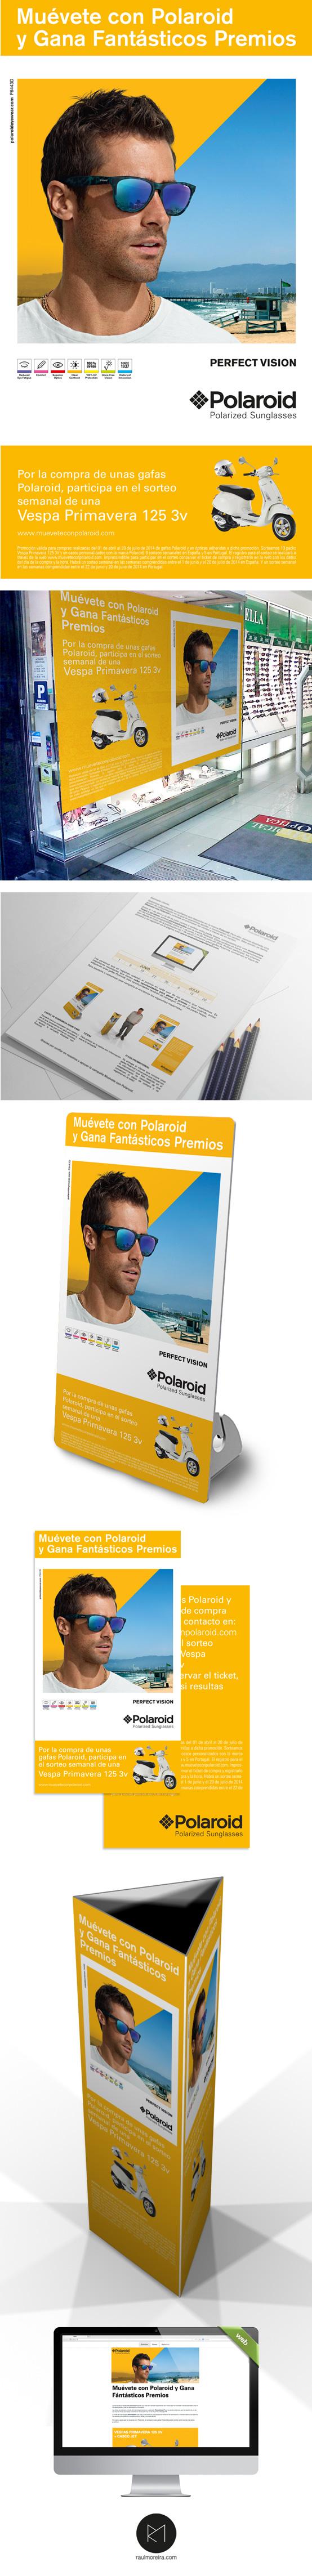 Polaroid Sorteo Vespas, diseño campañas, promociones propaganda.